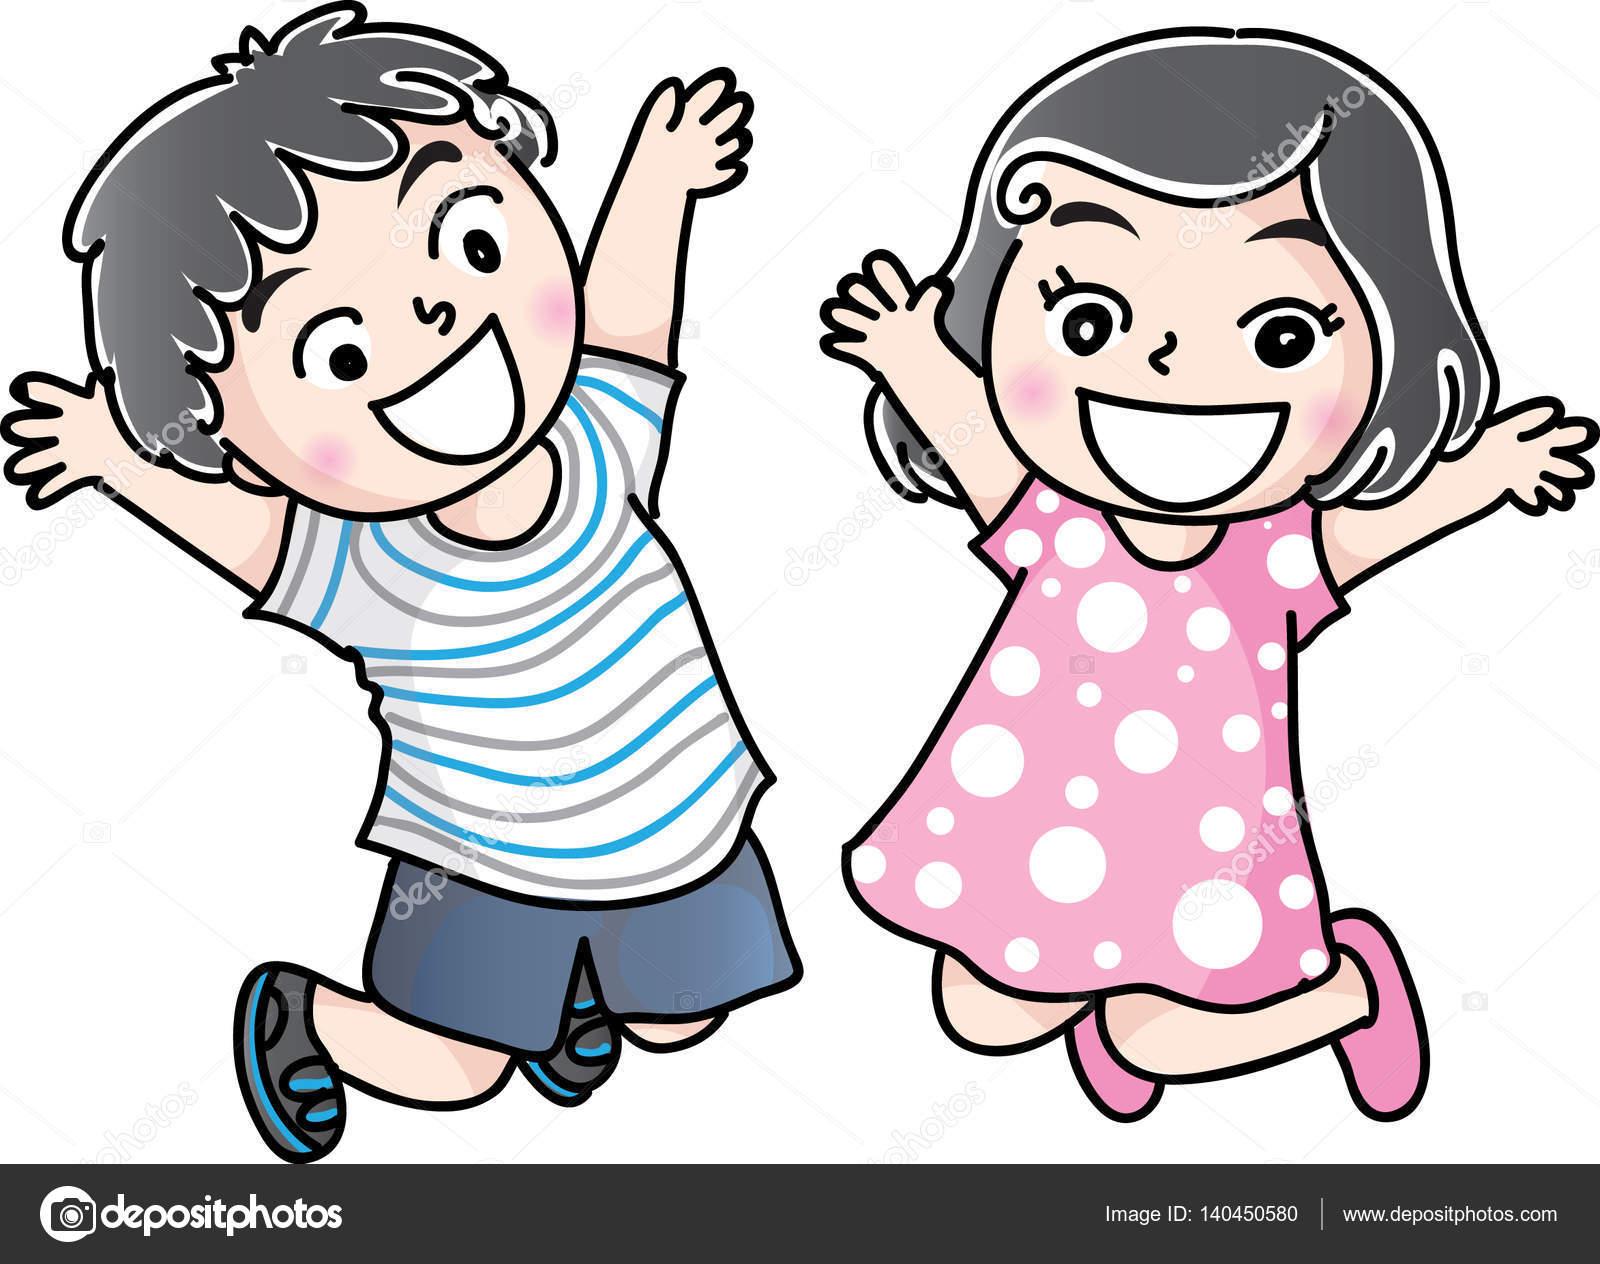 Dibujo De Niño Y Niña De Dibujos Animados